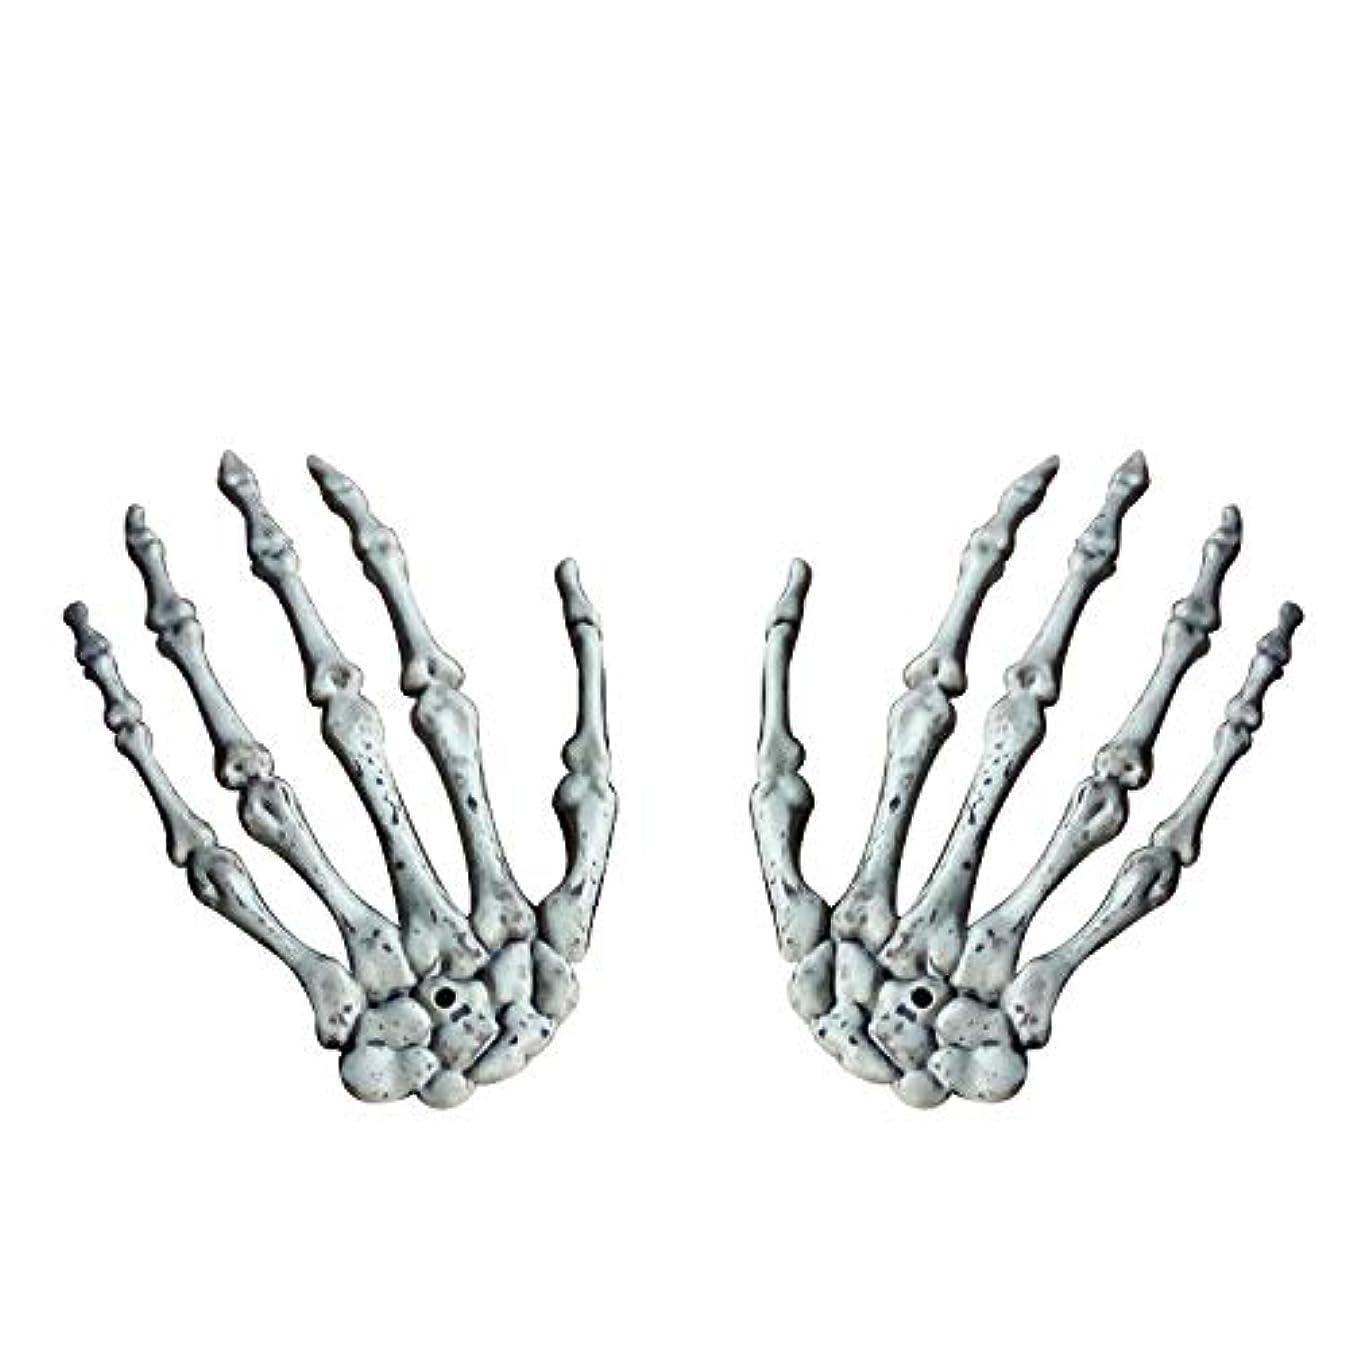 まともな報酬責任者ETRRUU HOME ハロウィン爪スケルトン手お化け屋敷バー怖い小道具ホラー装飾トリッキーな装飾